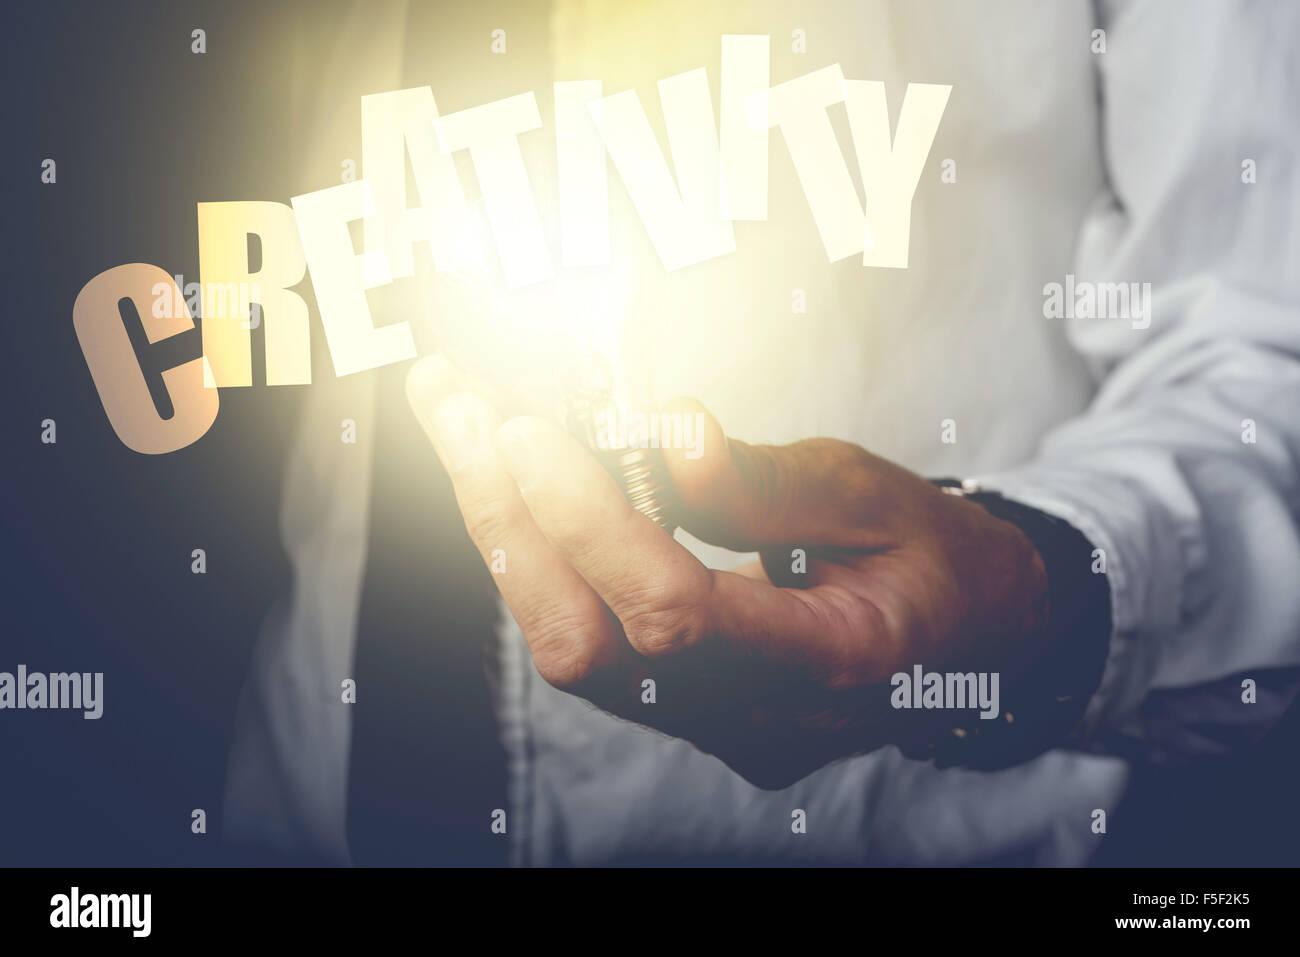 Kreativität-Konzept mit Geschäftsmann Betrieb Glühbirne, getönten Retro Bild, selektiven Fokus. Stockbild